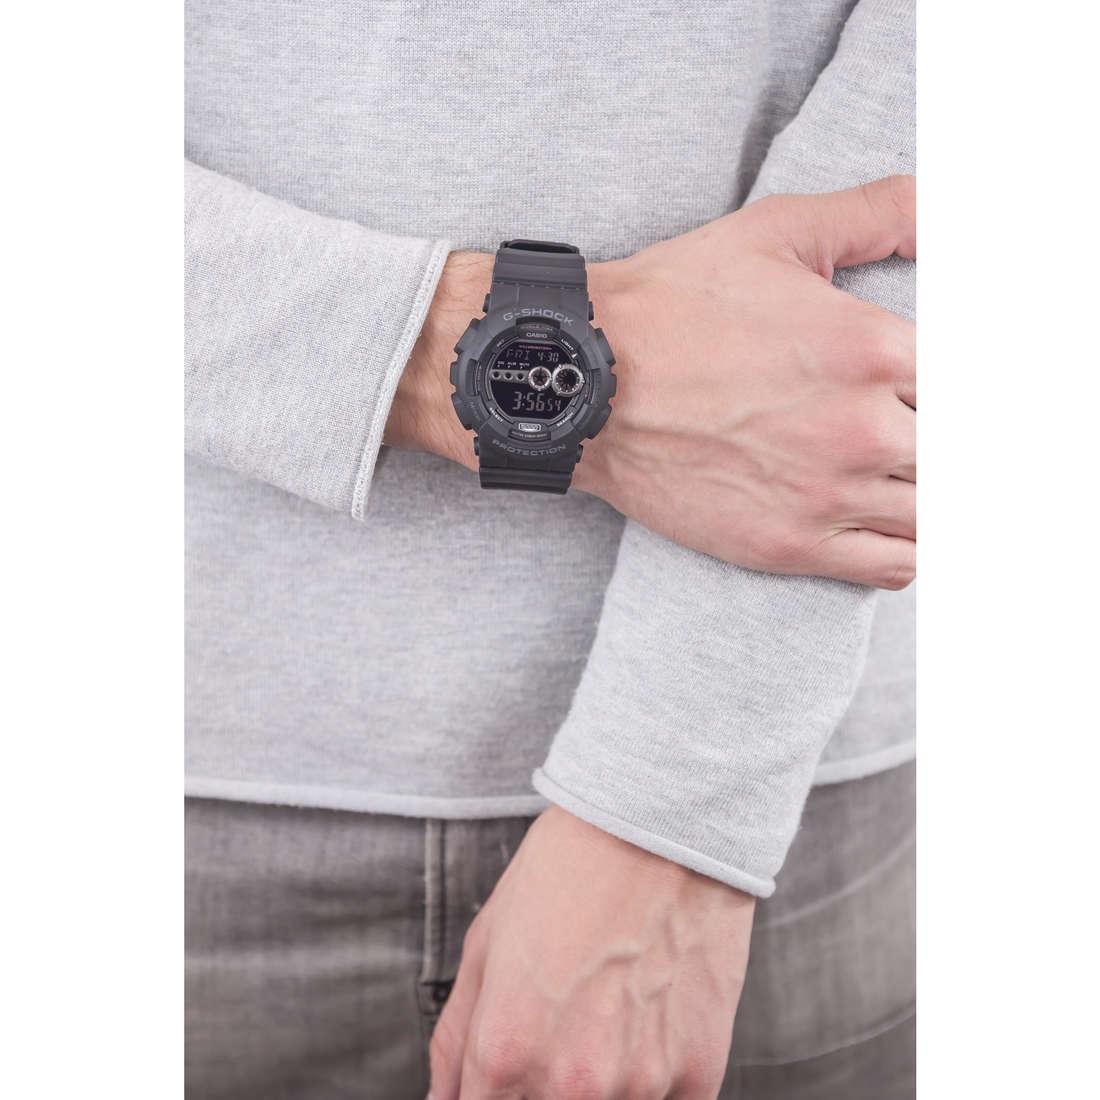 Casio digitali G-Shock uomo GD-100-1BER indosso